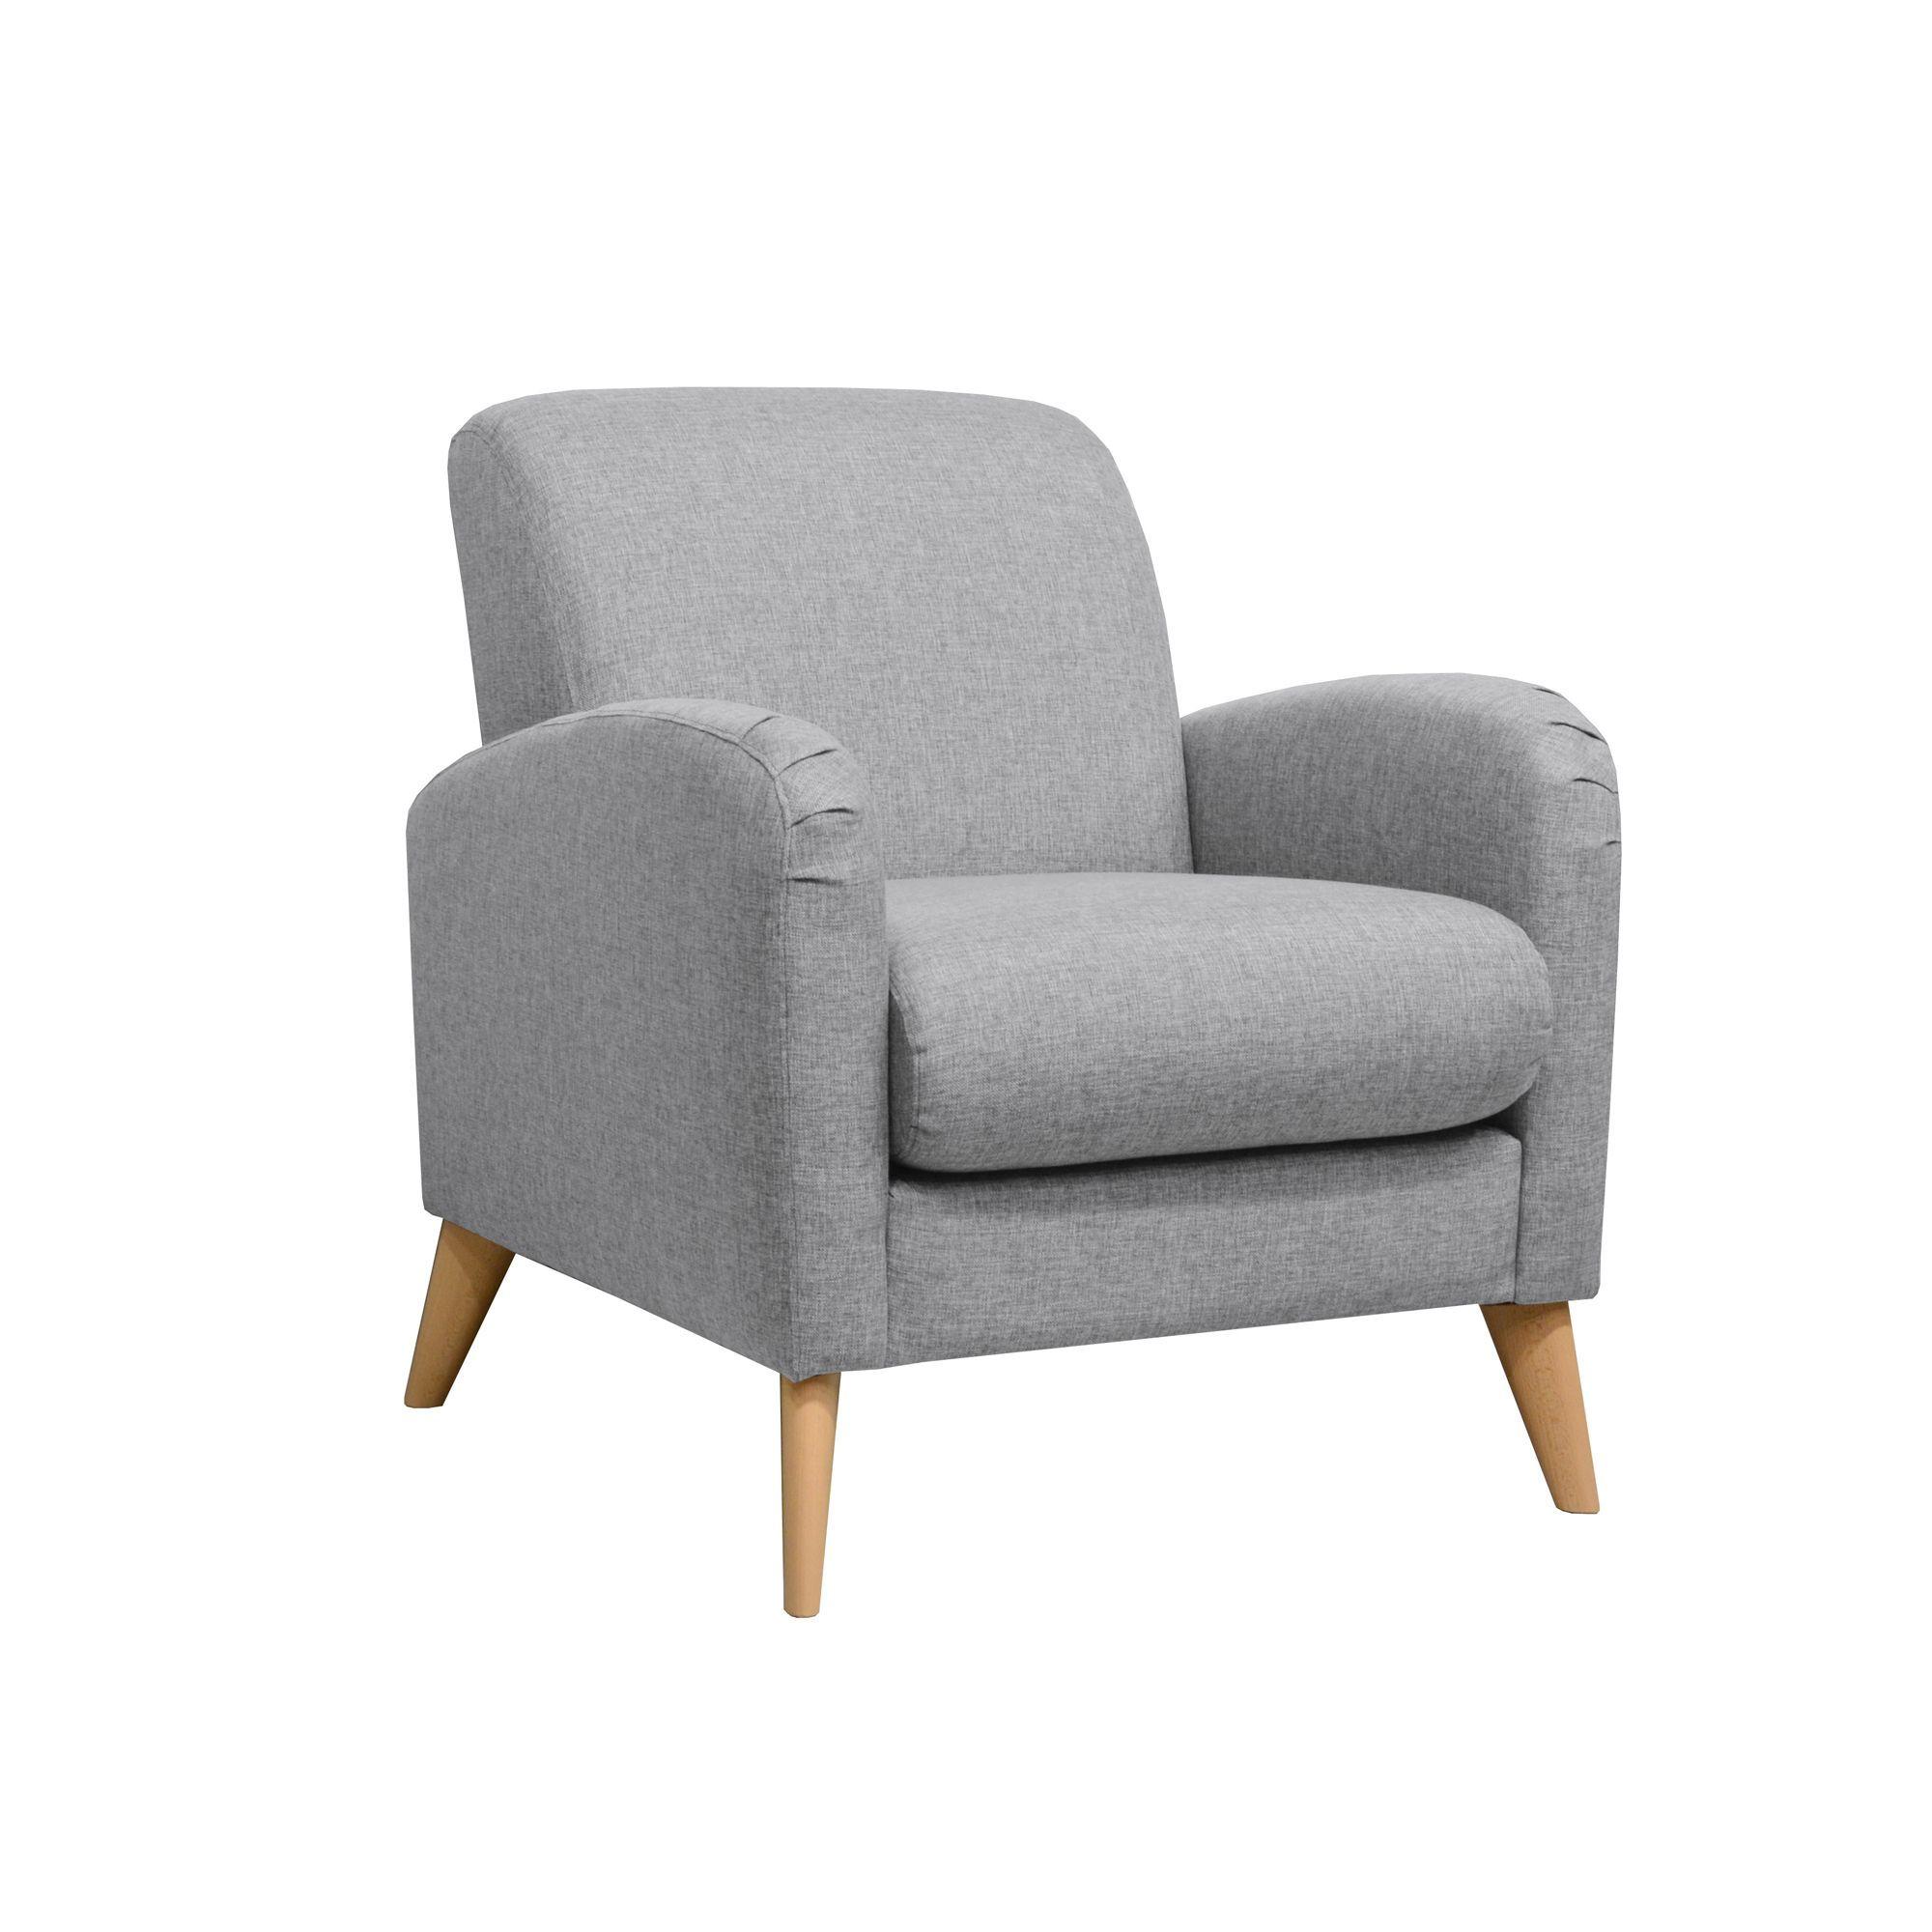 fauteuil r tro gris gris seventy fauteuils fauteuils et poufs salon et salle manger. Black Bedroom Furniture Sets. Home Design Ideas